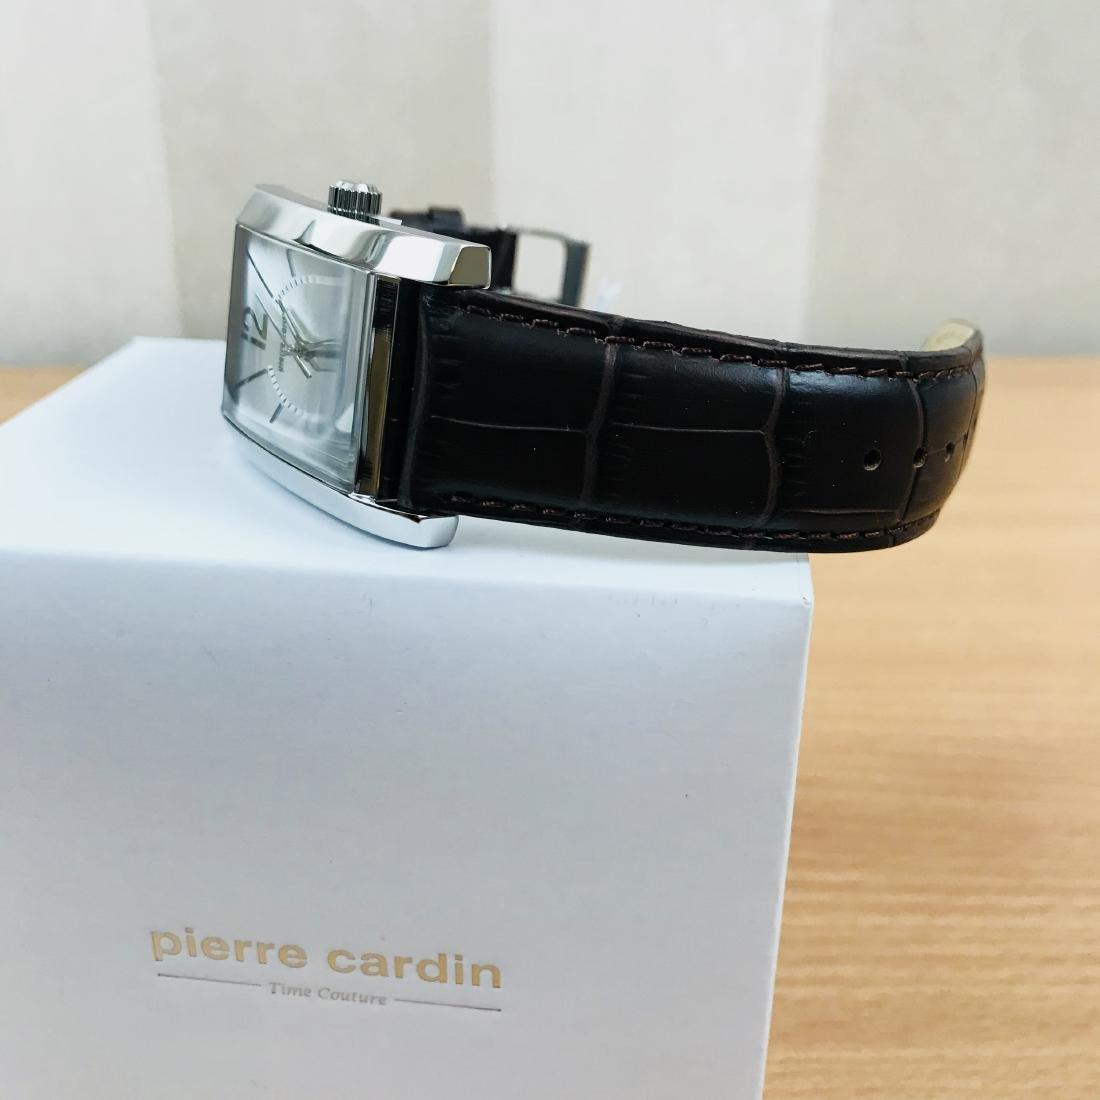 Pierre Cardin – Men's Classic Watch - 5